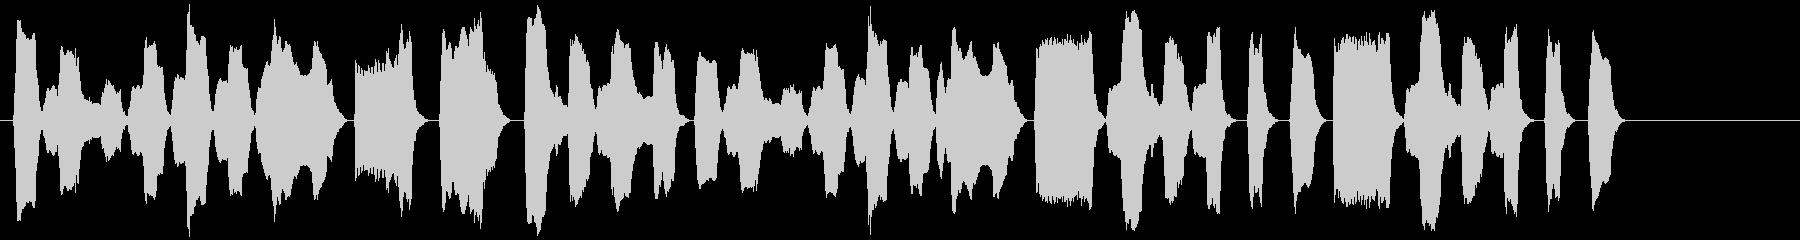 ピタゴラスイッチ風リコーダーBGMの未再生の波形